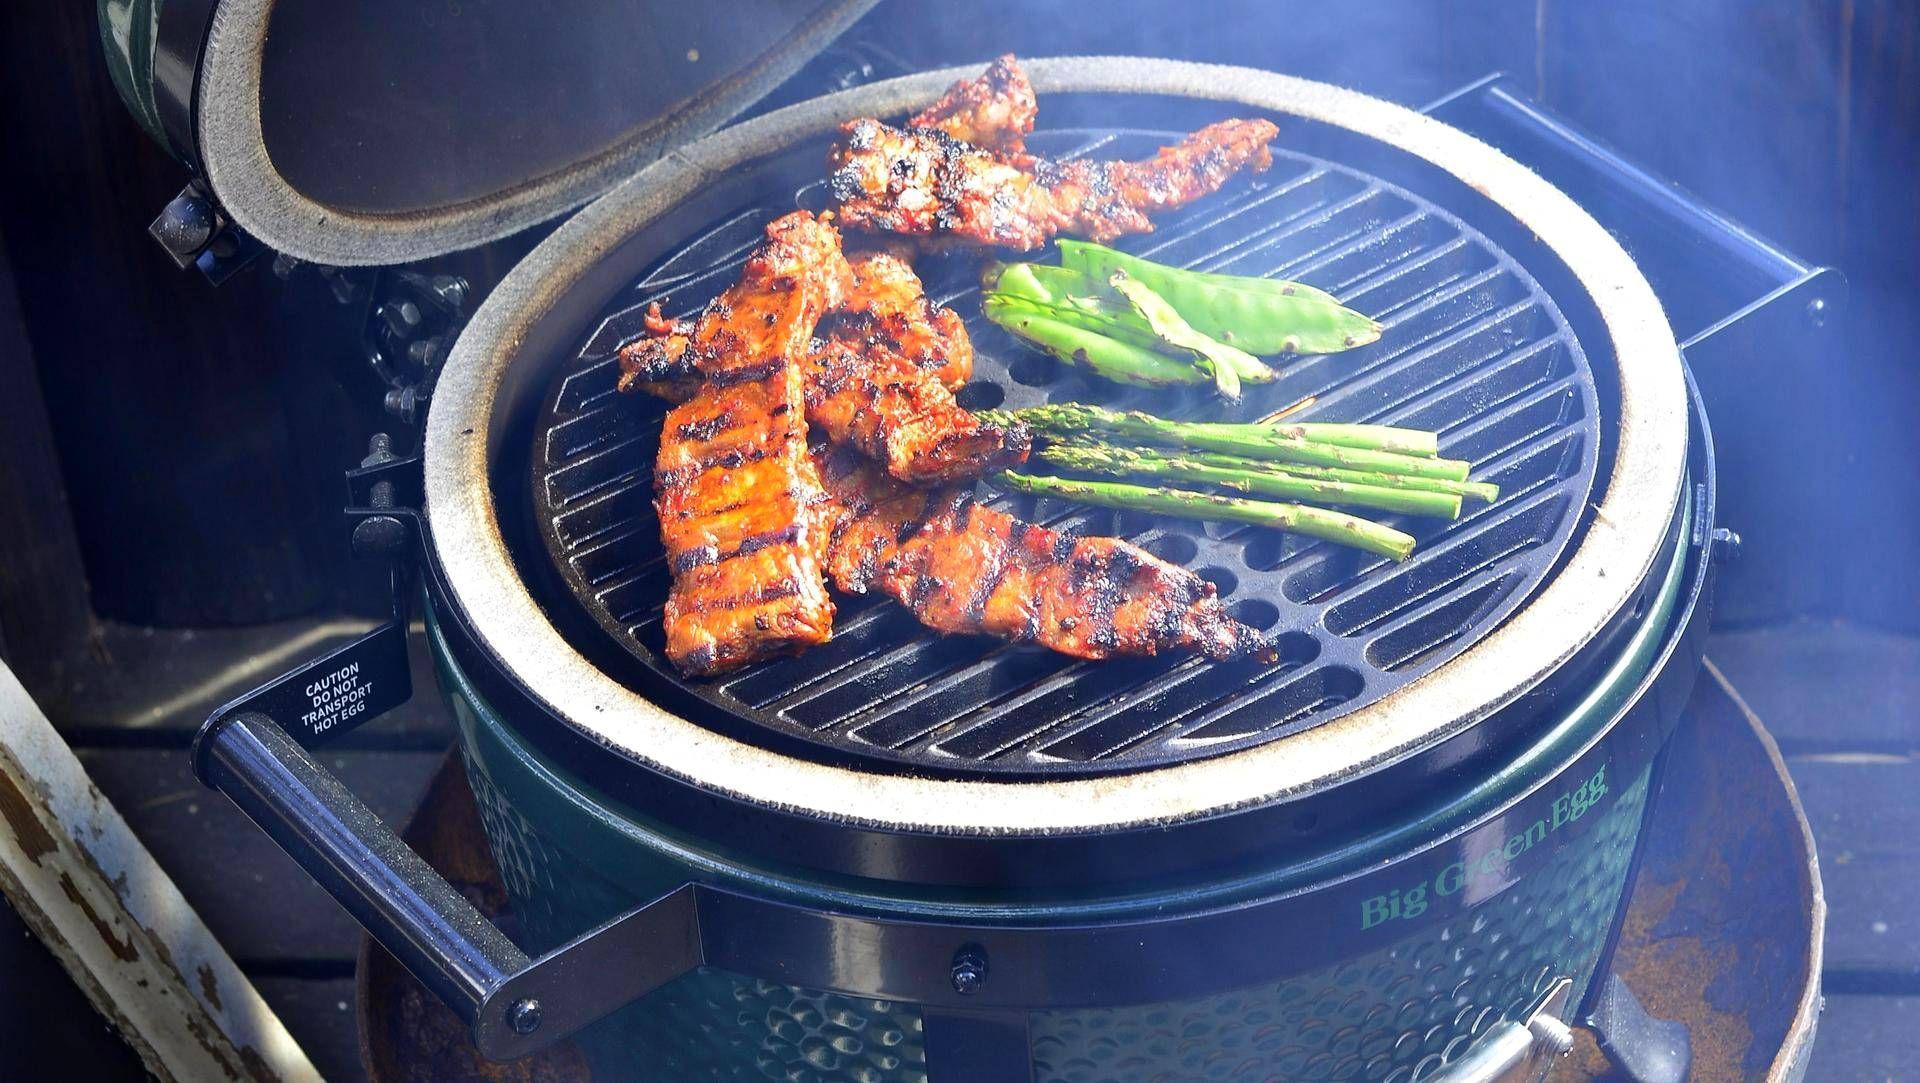 Kun vietetään aikaa grillin ääressä, on seura, sää ja ruoka tärkeämpi asia kuin nautittu viini. Kylmiön kalleudet on sen takia syytä unohtaa.